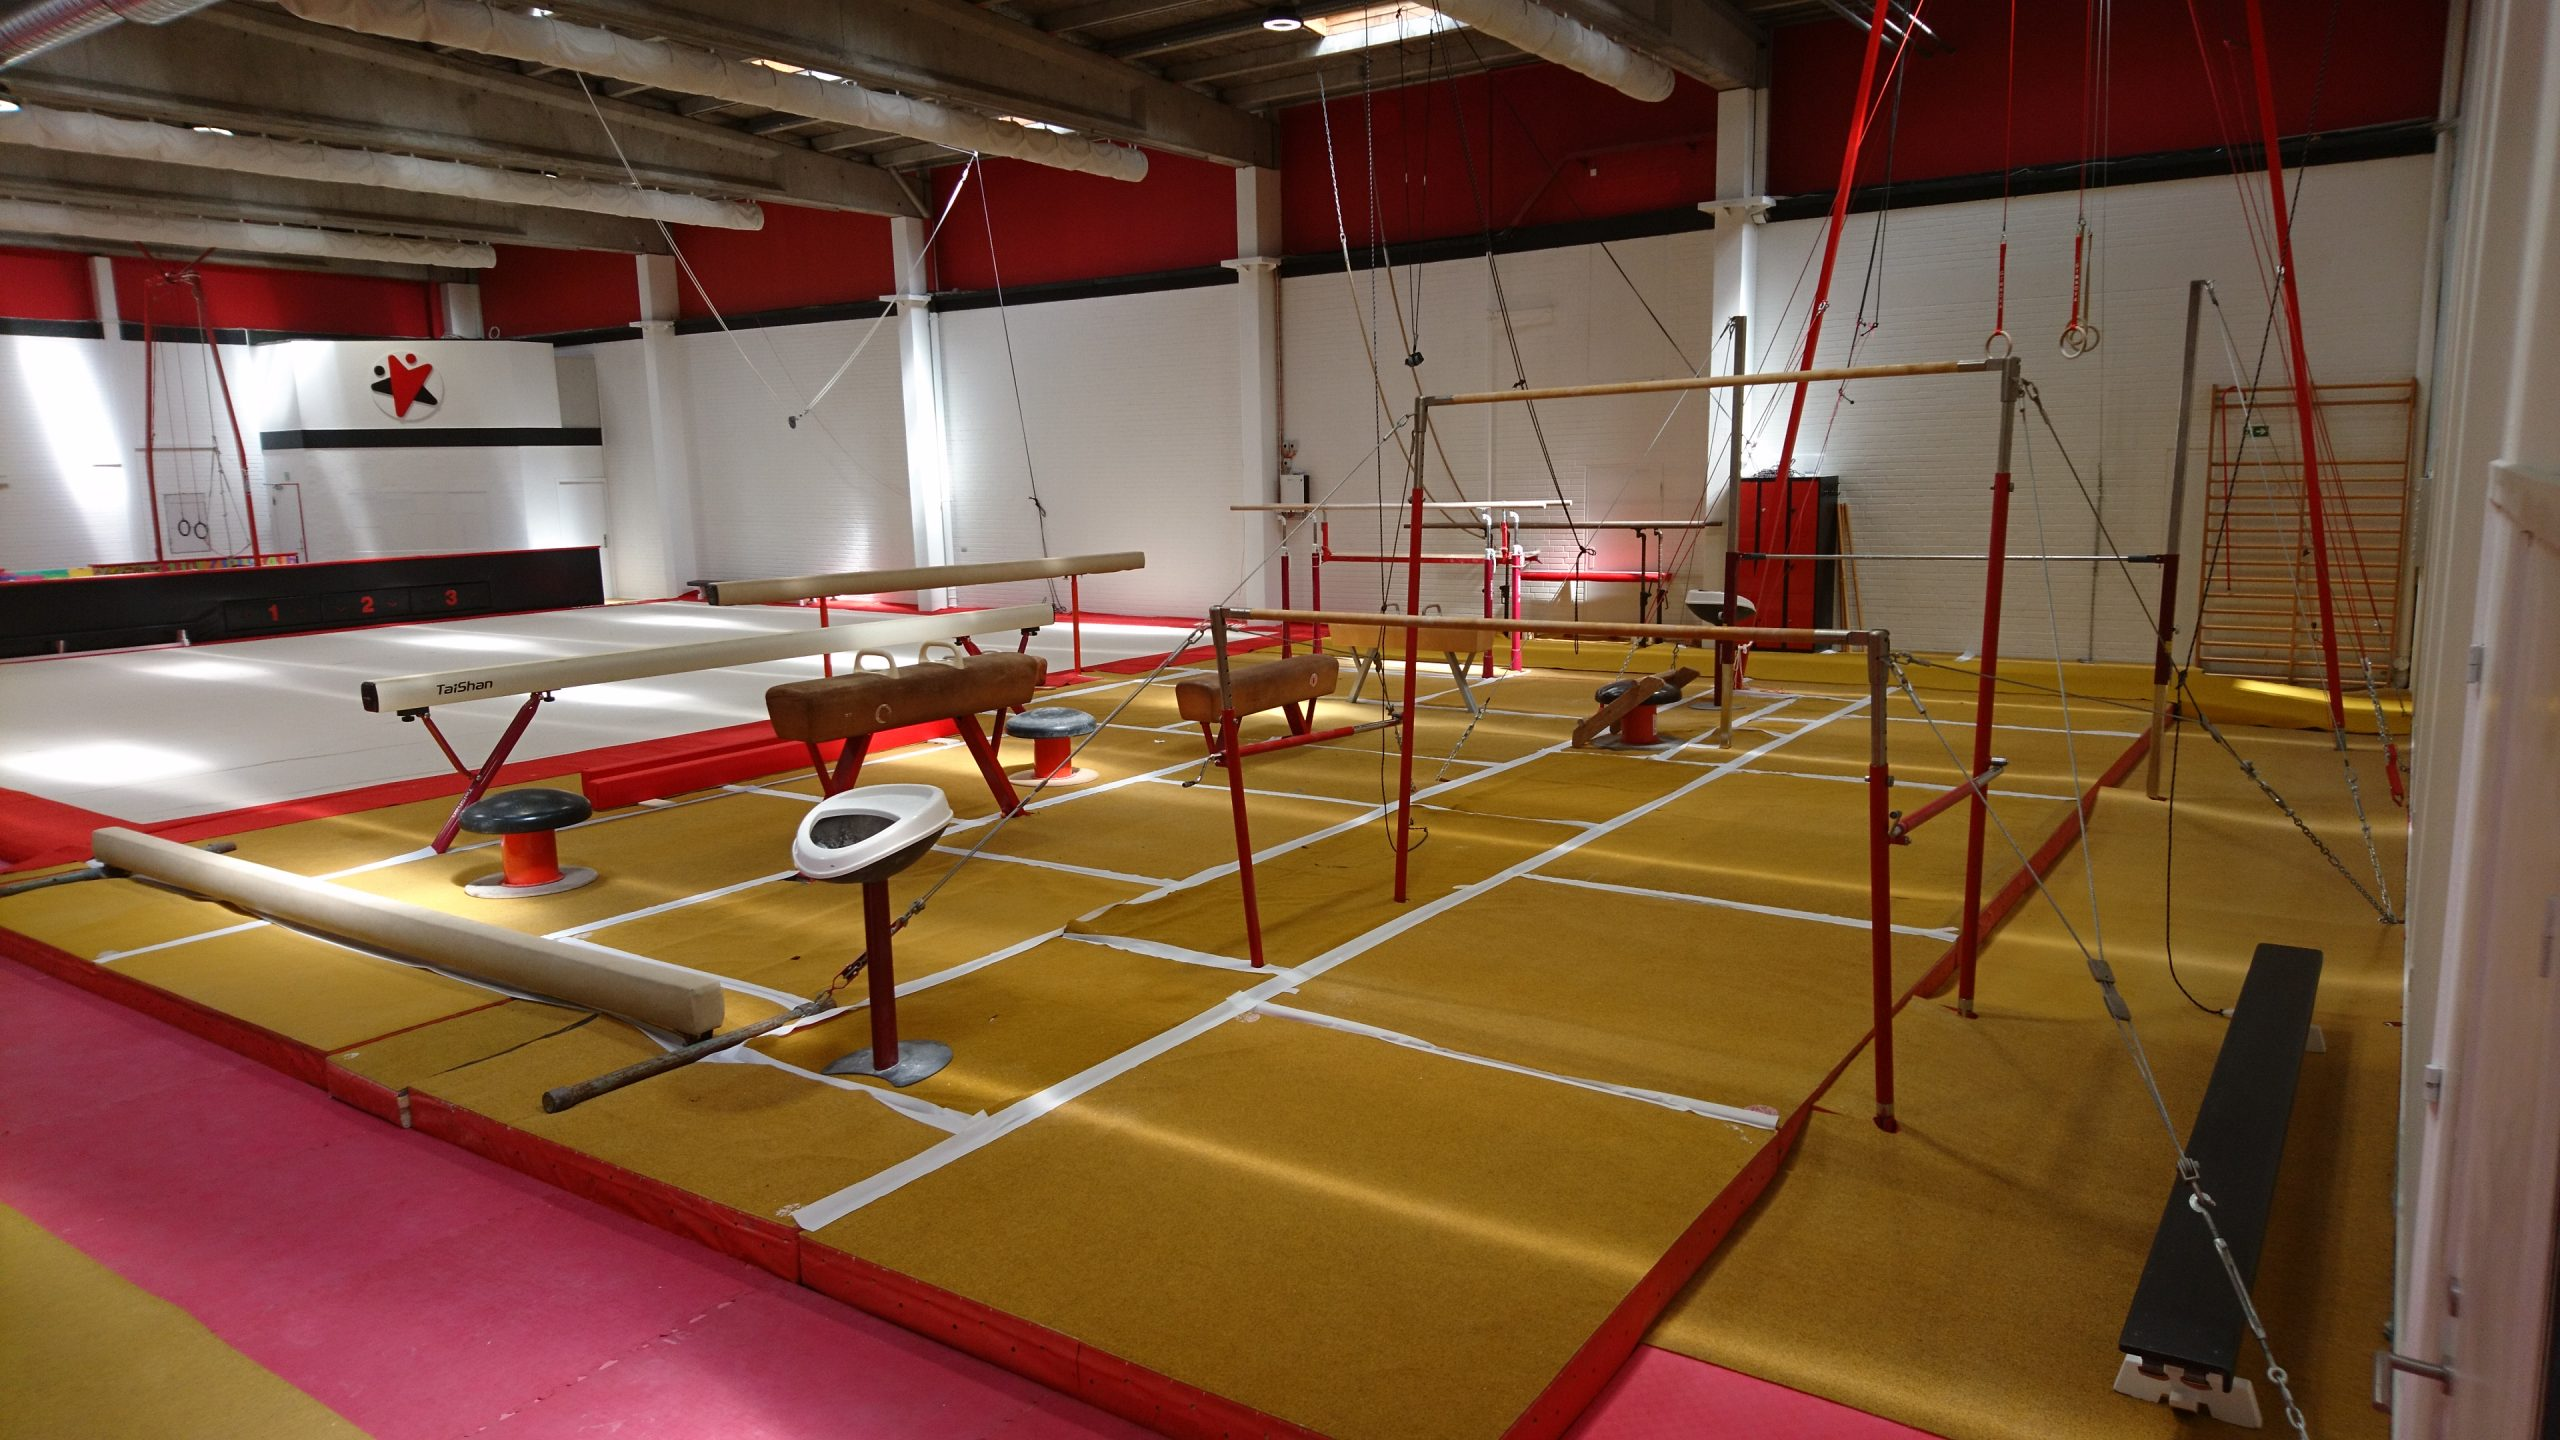 Her kan børn og unge boltre sig: Ny stor sportshal åbner i Aalborg